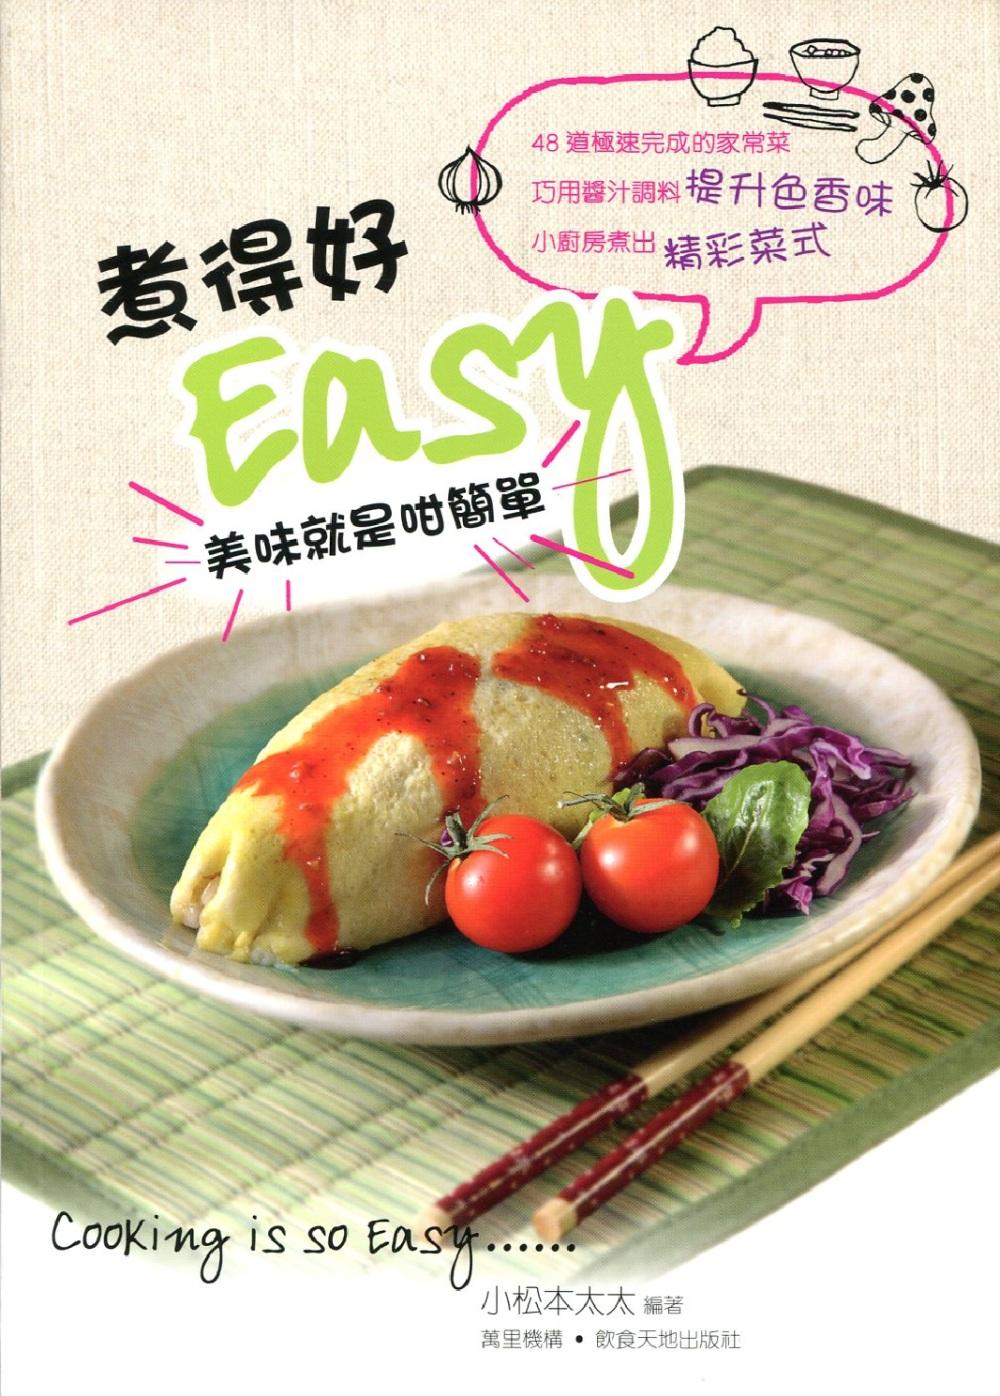 煮得好EASY美味就是咁簡單(中英對照)